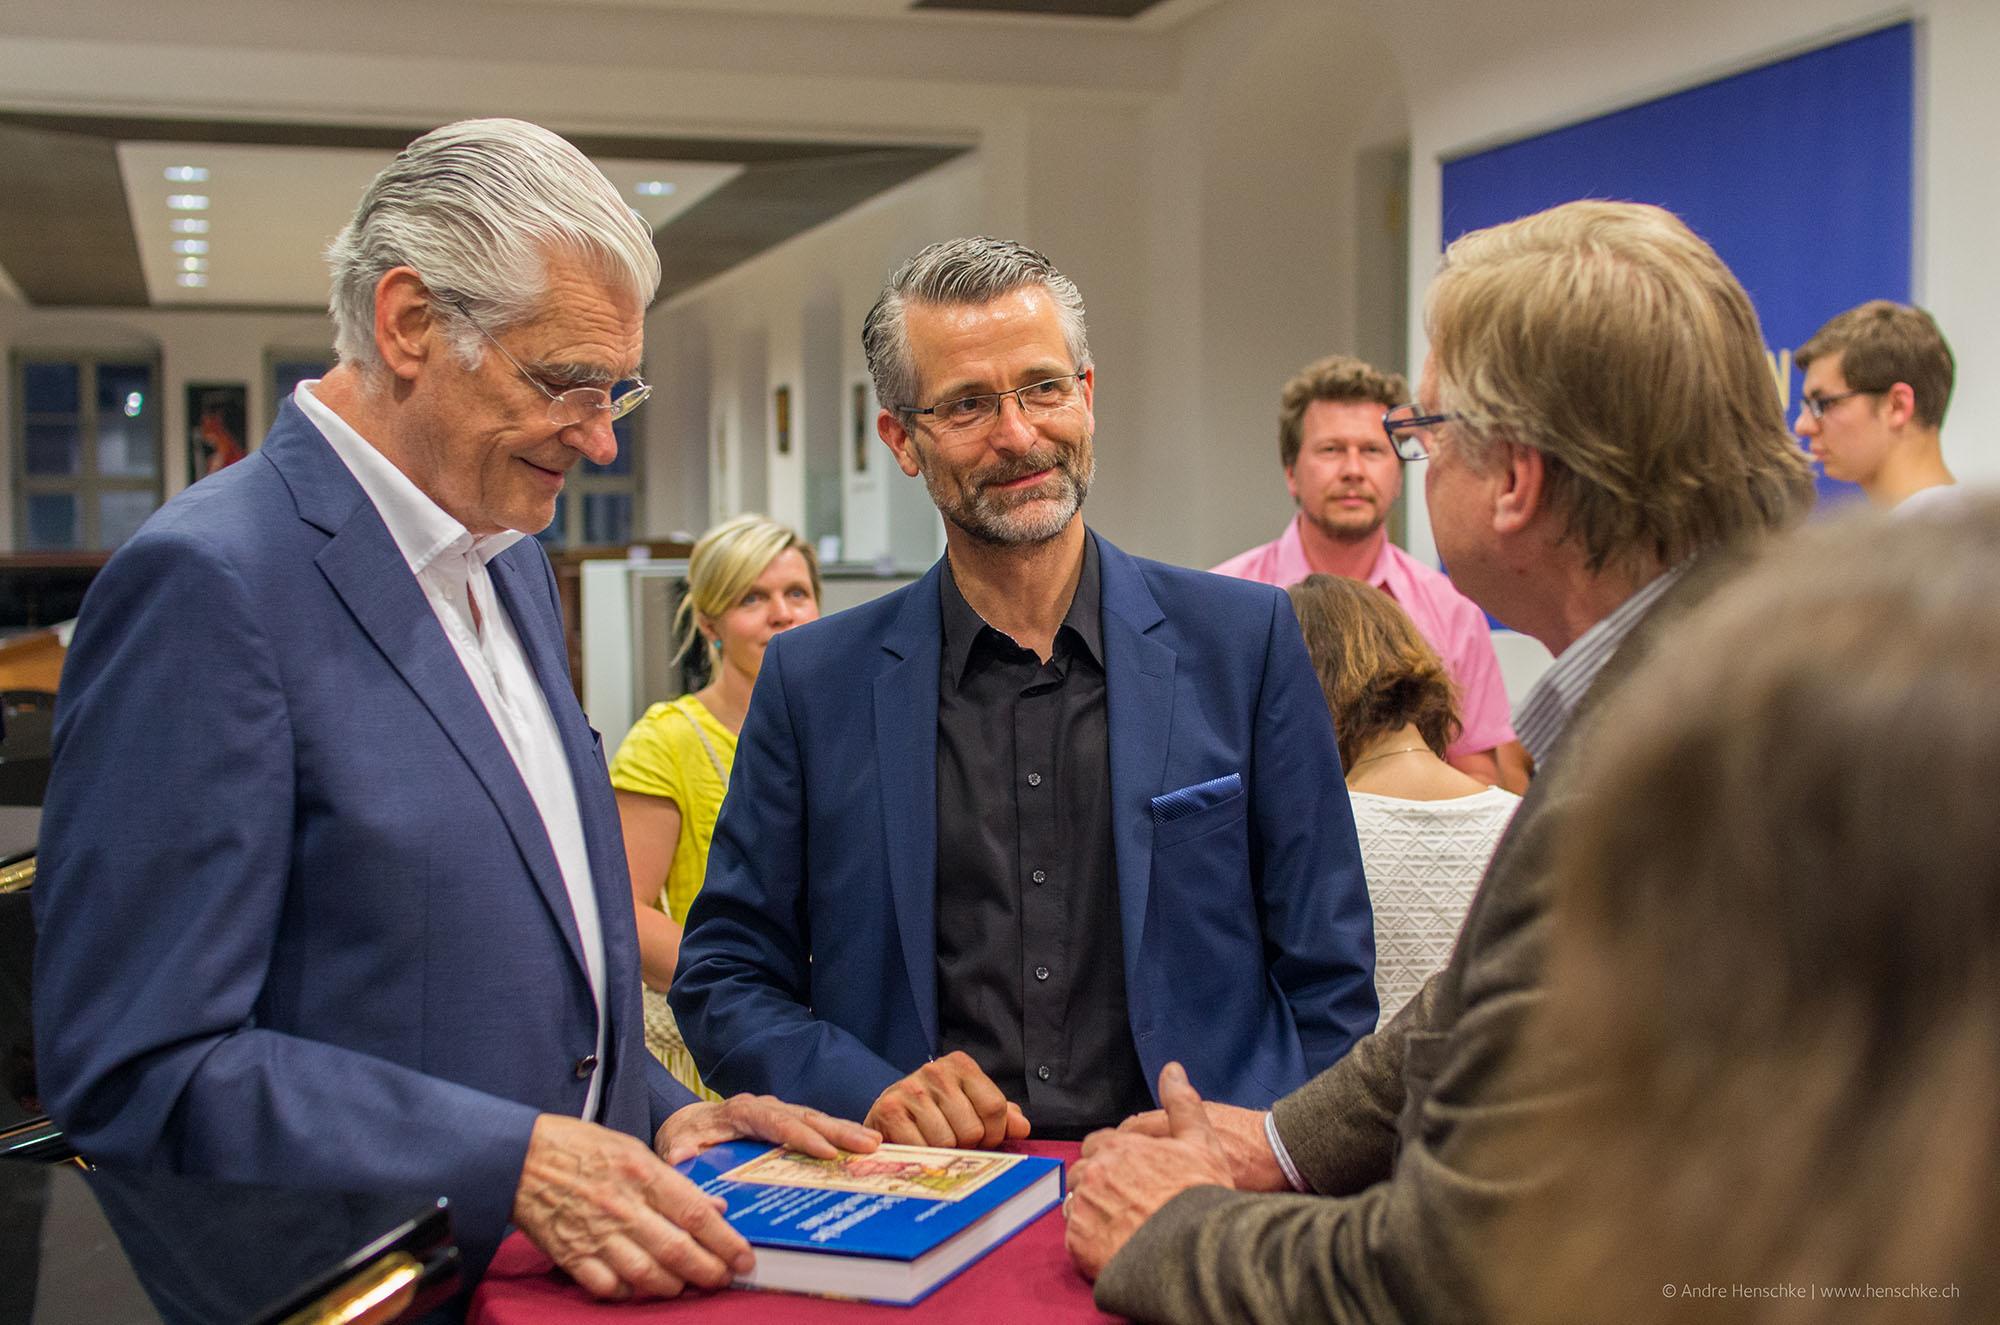 Sky du Mont im Gespräch mit den Sponsoren des Abends, v.l.n.r. Dirk Riedel (ICM Bank) und Prof. Ingo Kolboom (Kolboom Kultur Kontor)